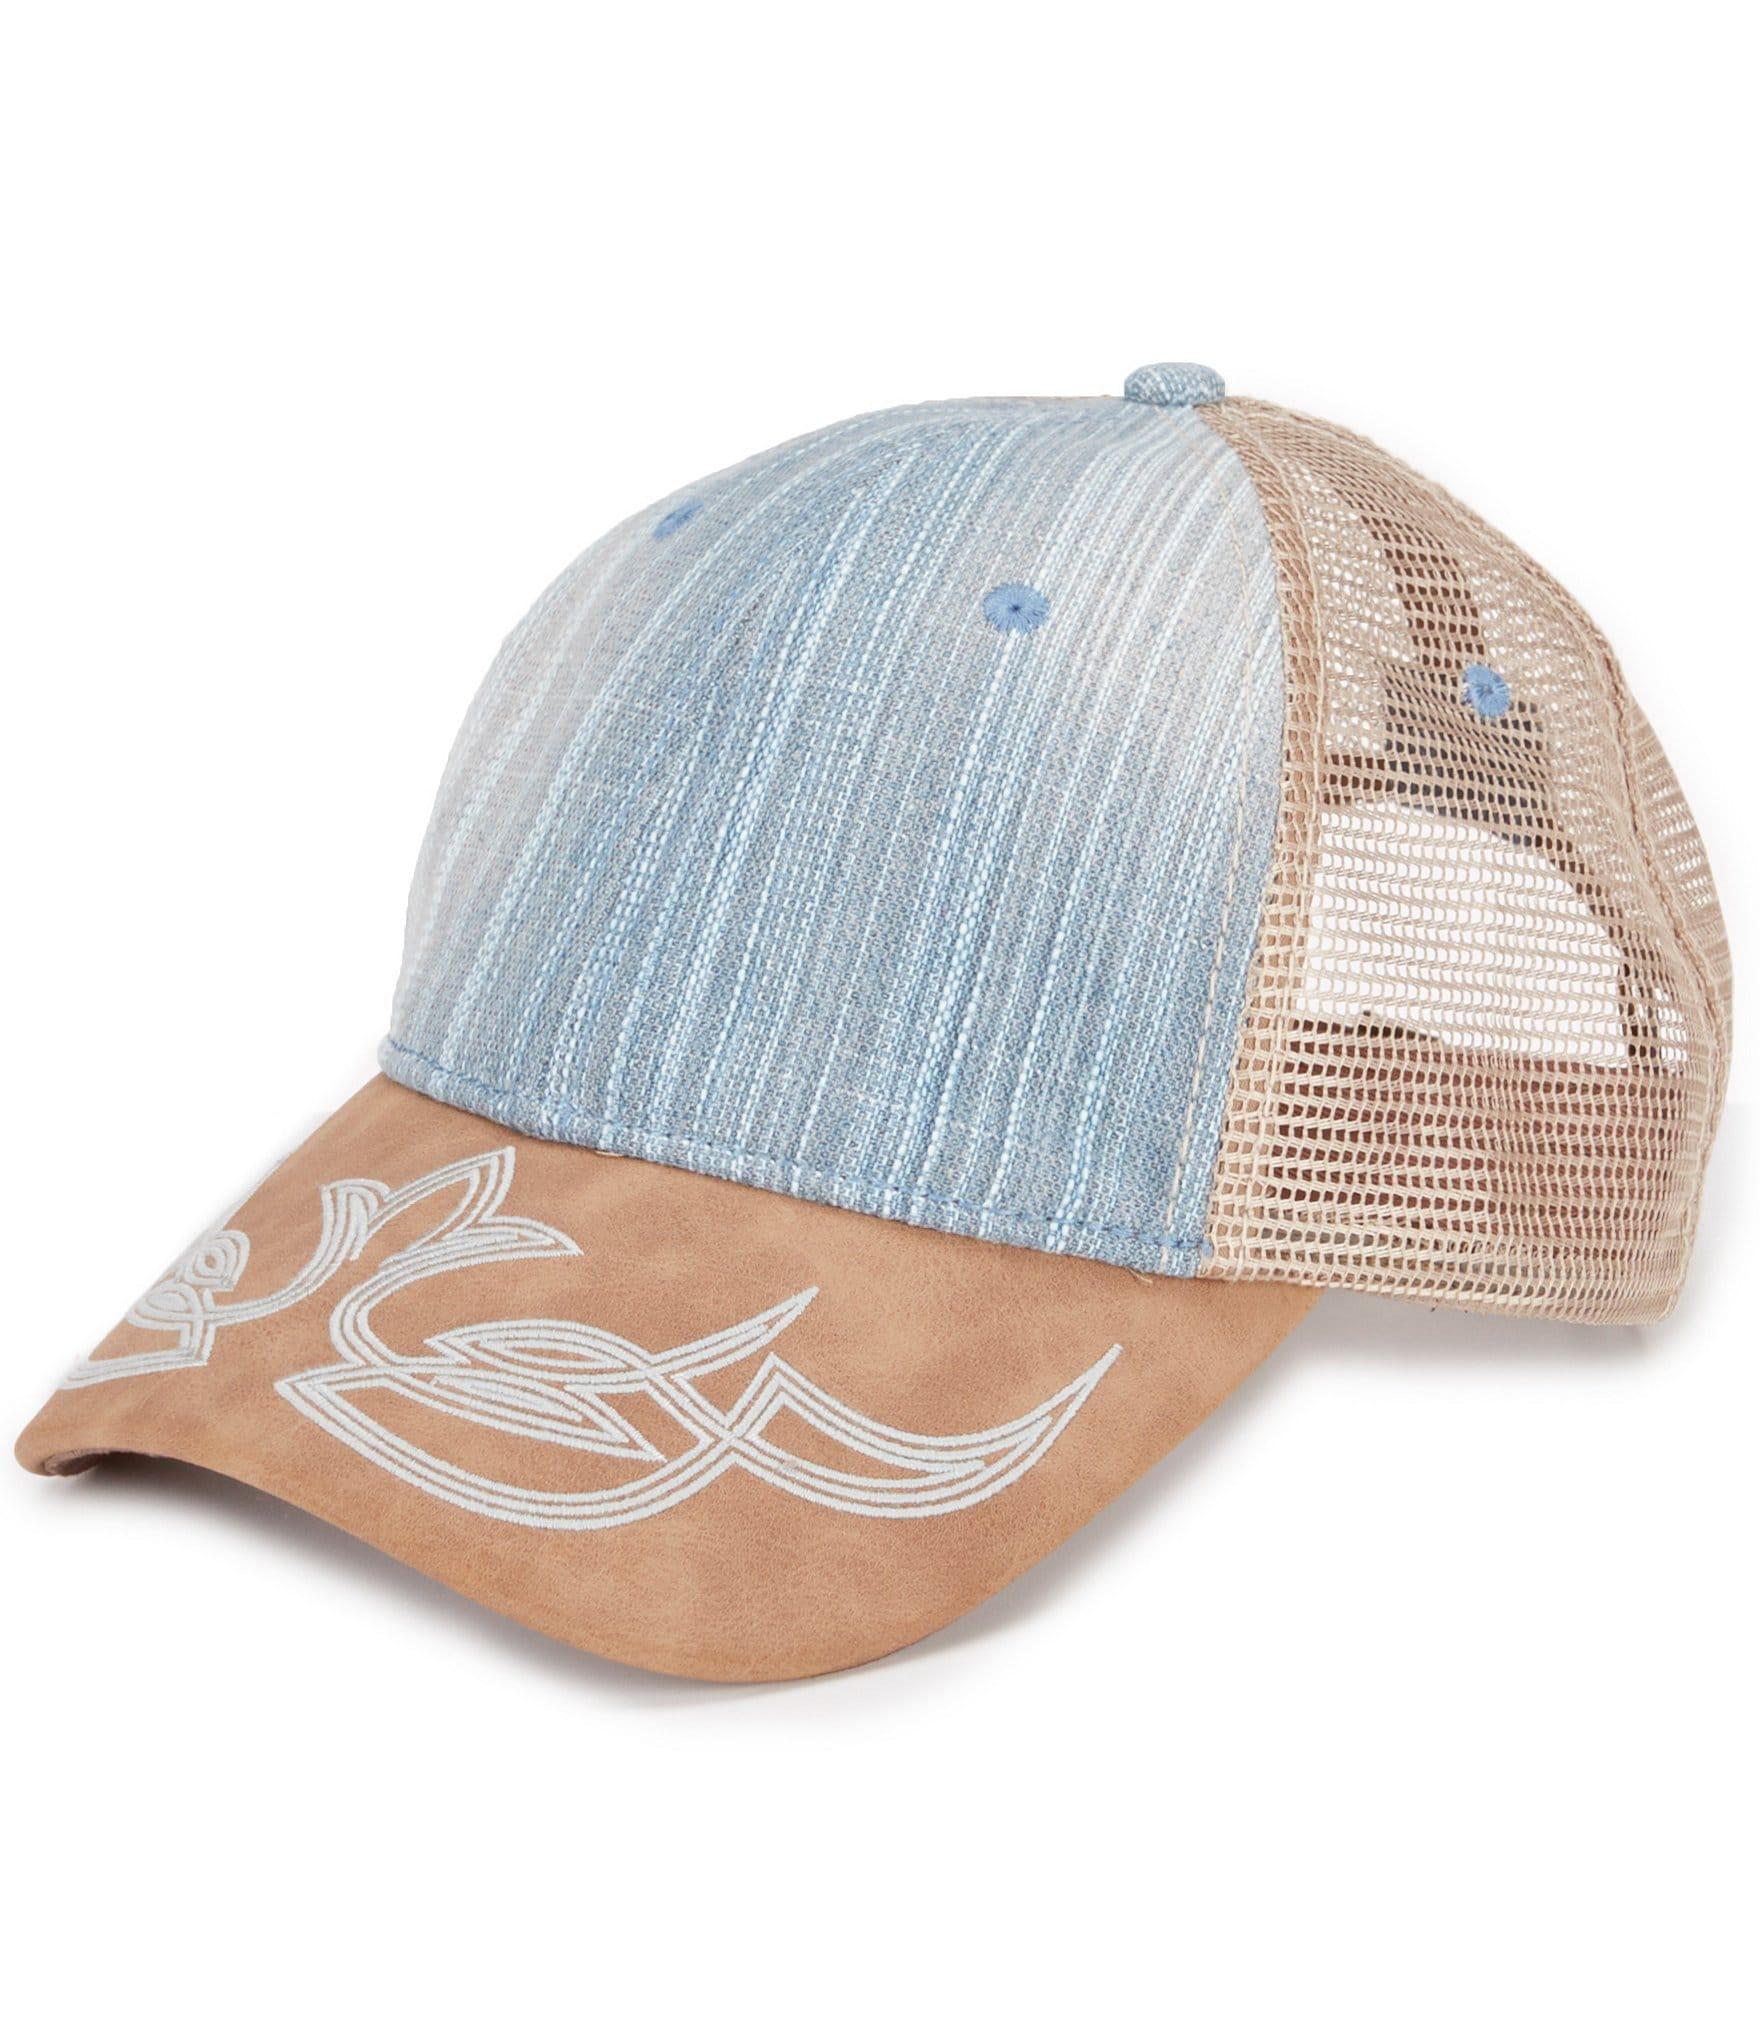 cremieux embrodiery visor trucker hat dillards